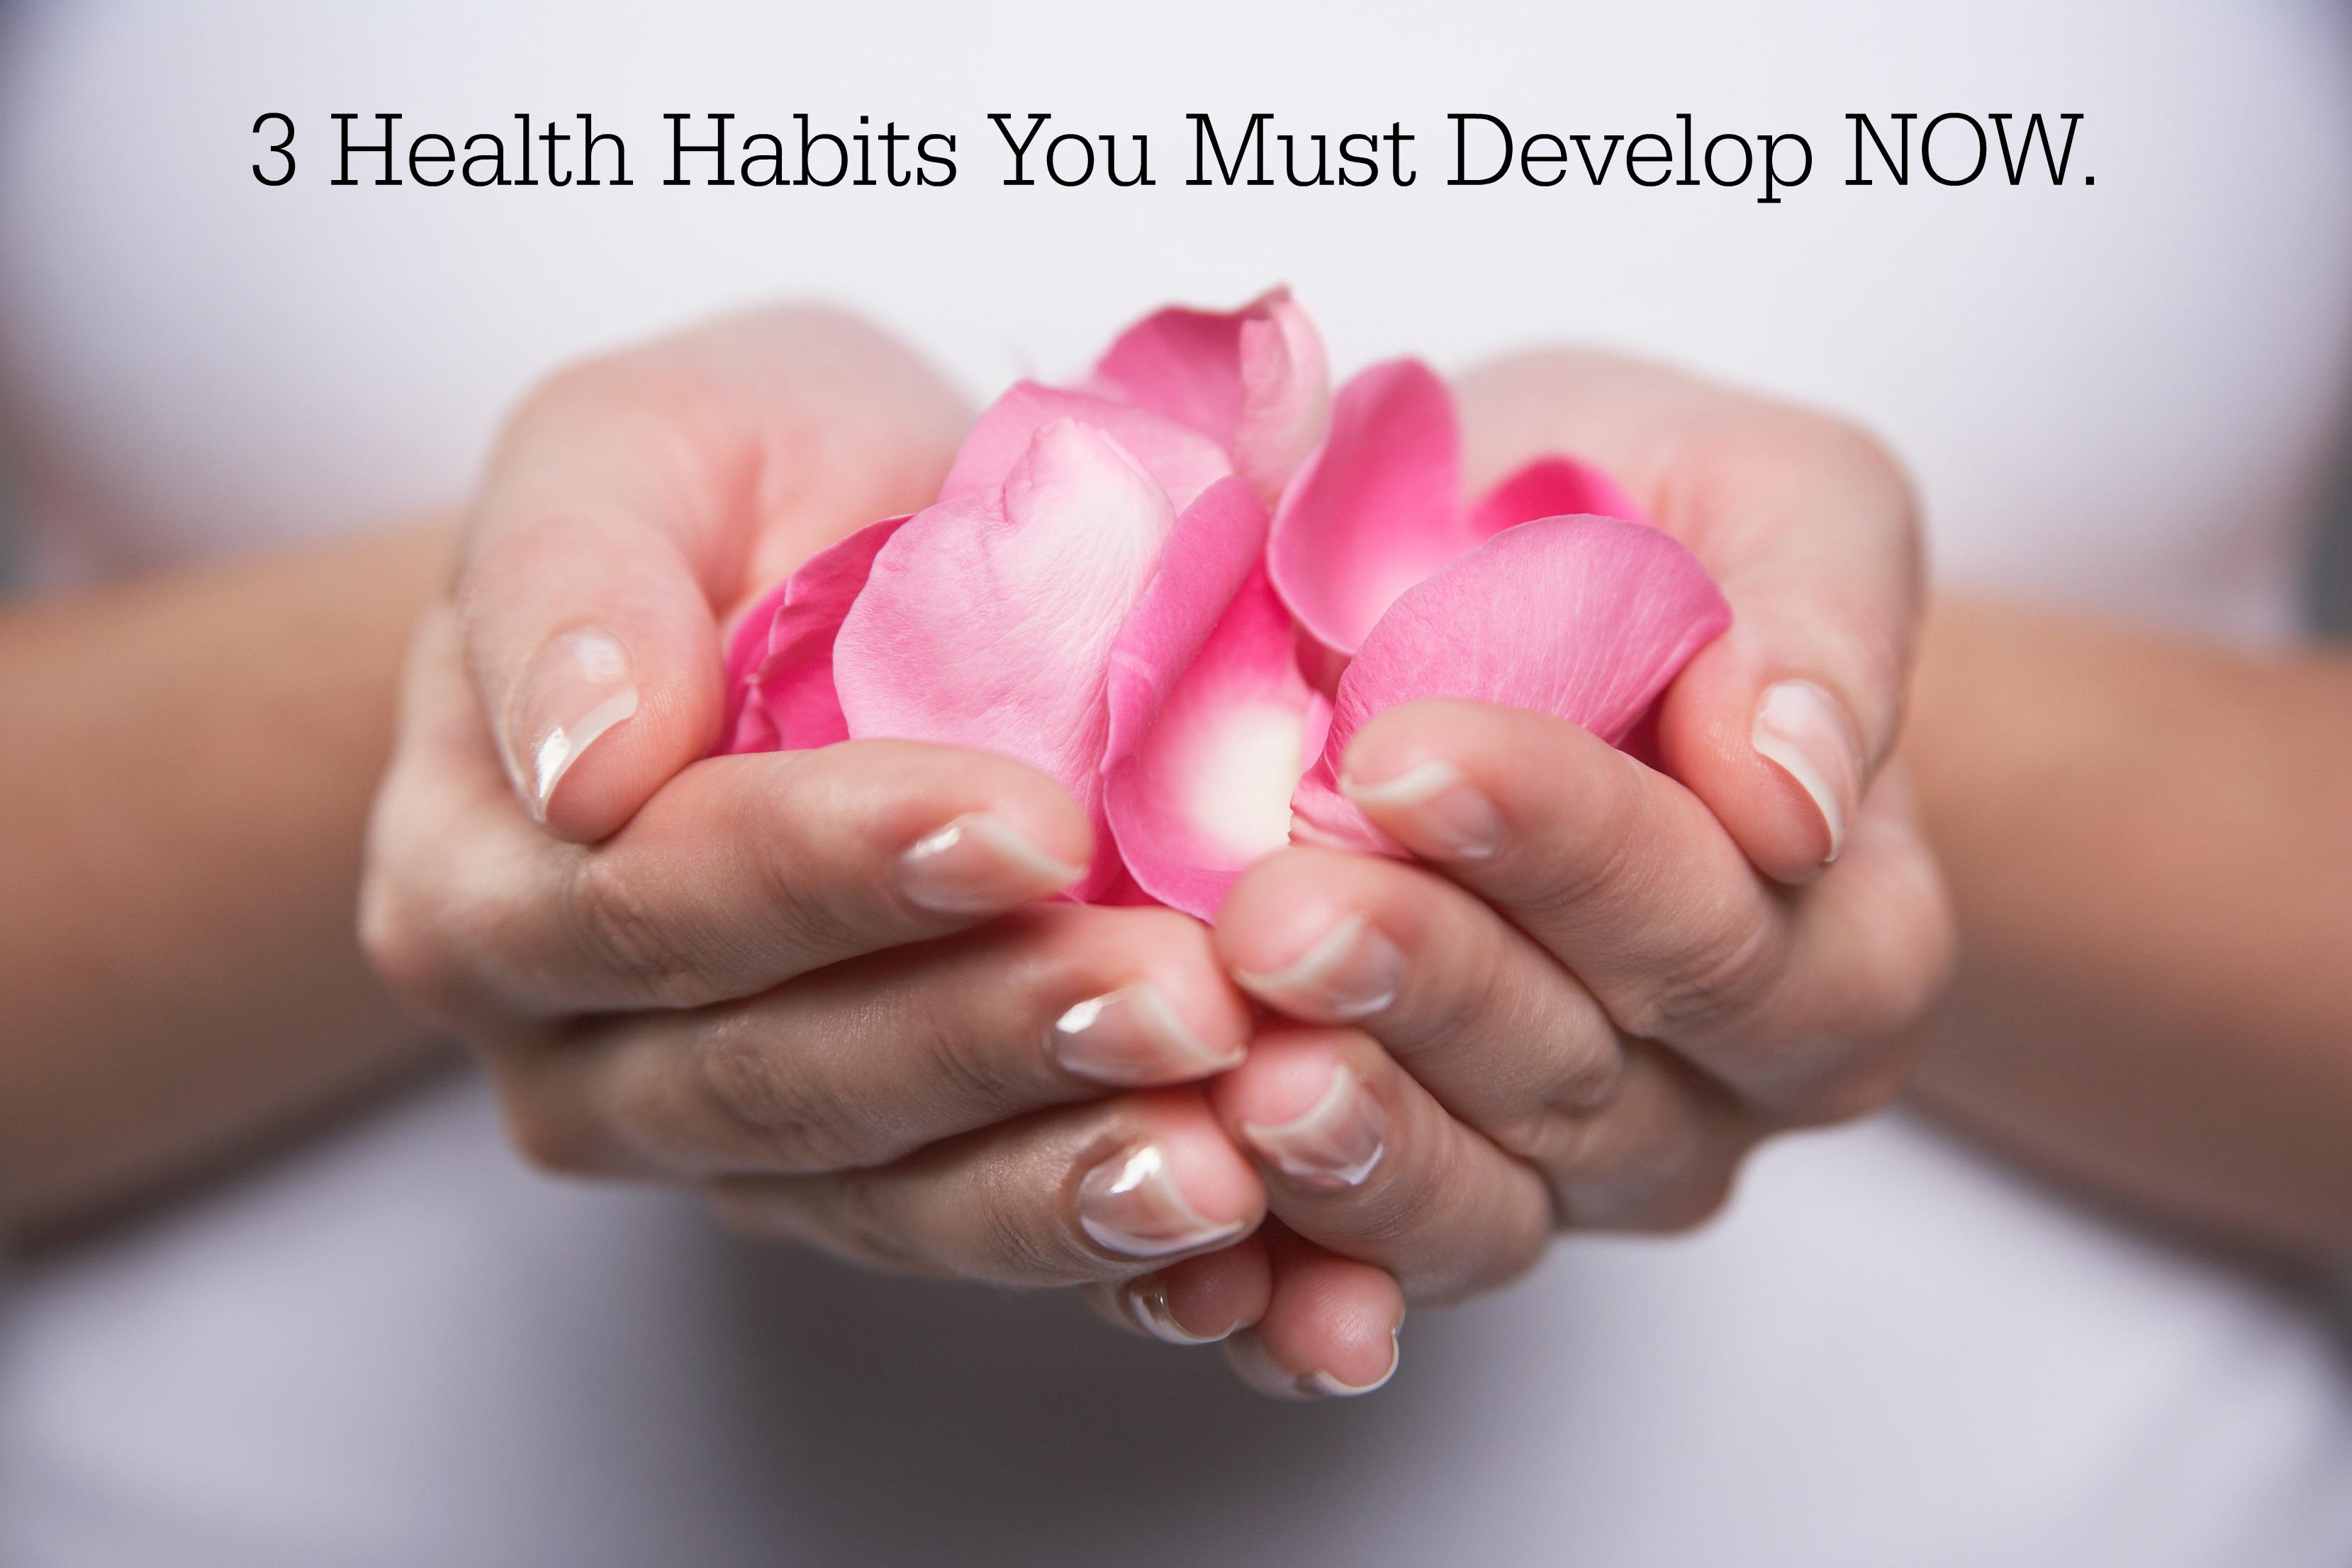 3 Health Habits